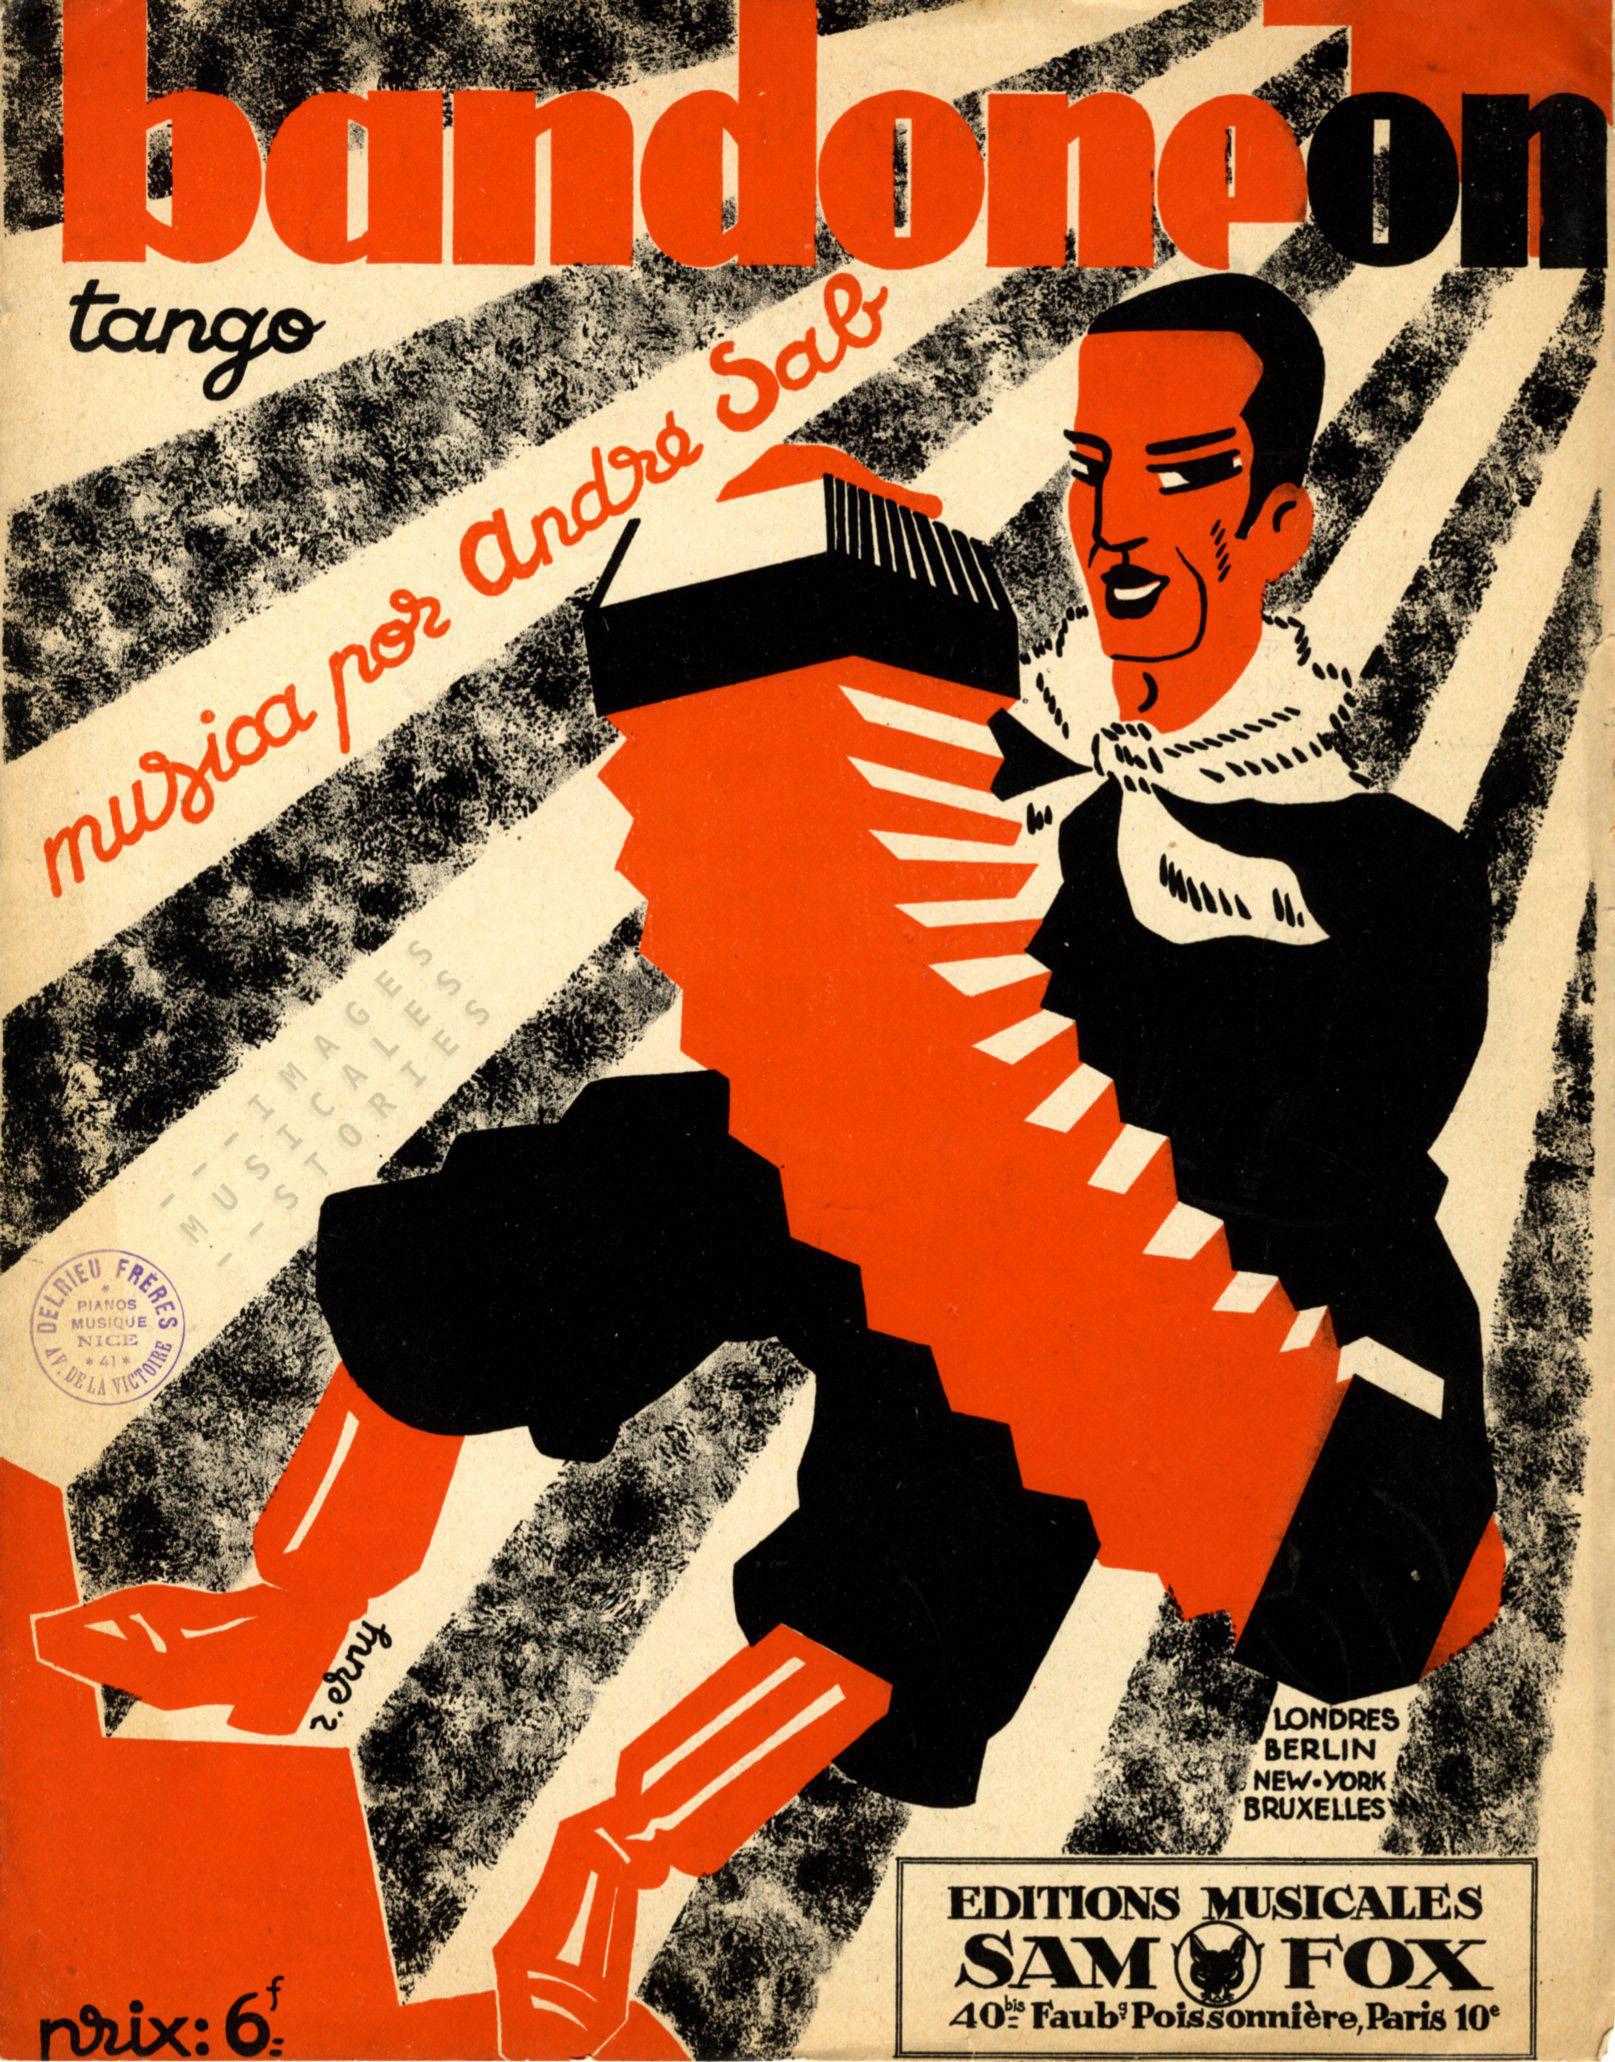 'Bandoneon' (partition illustrée par Raymond Erny, 1927)